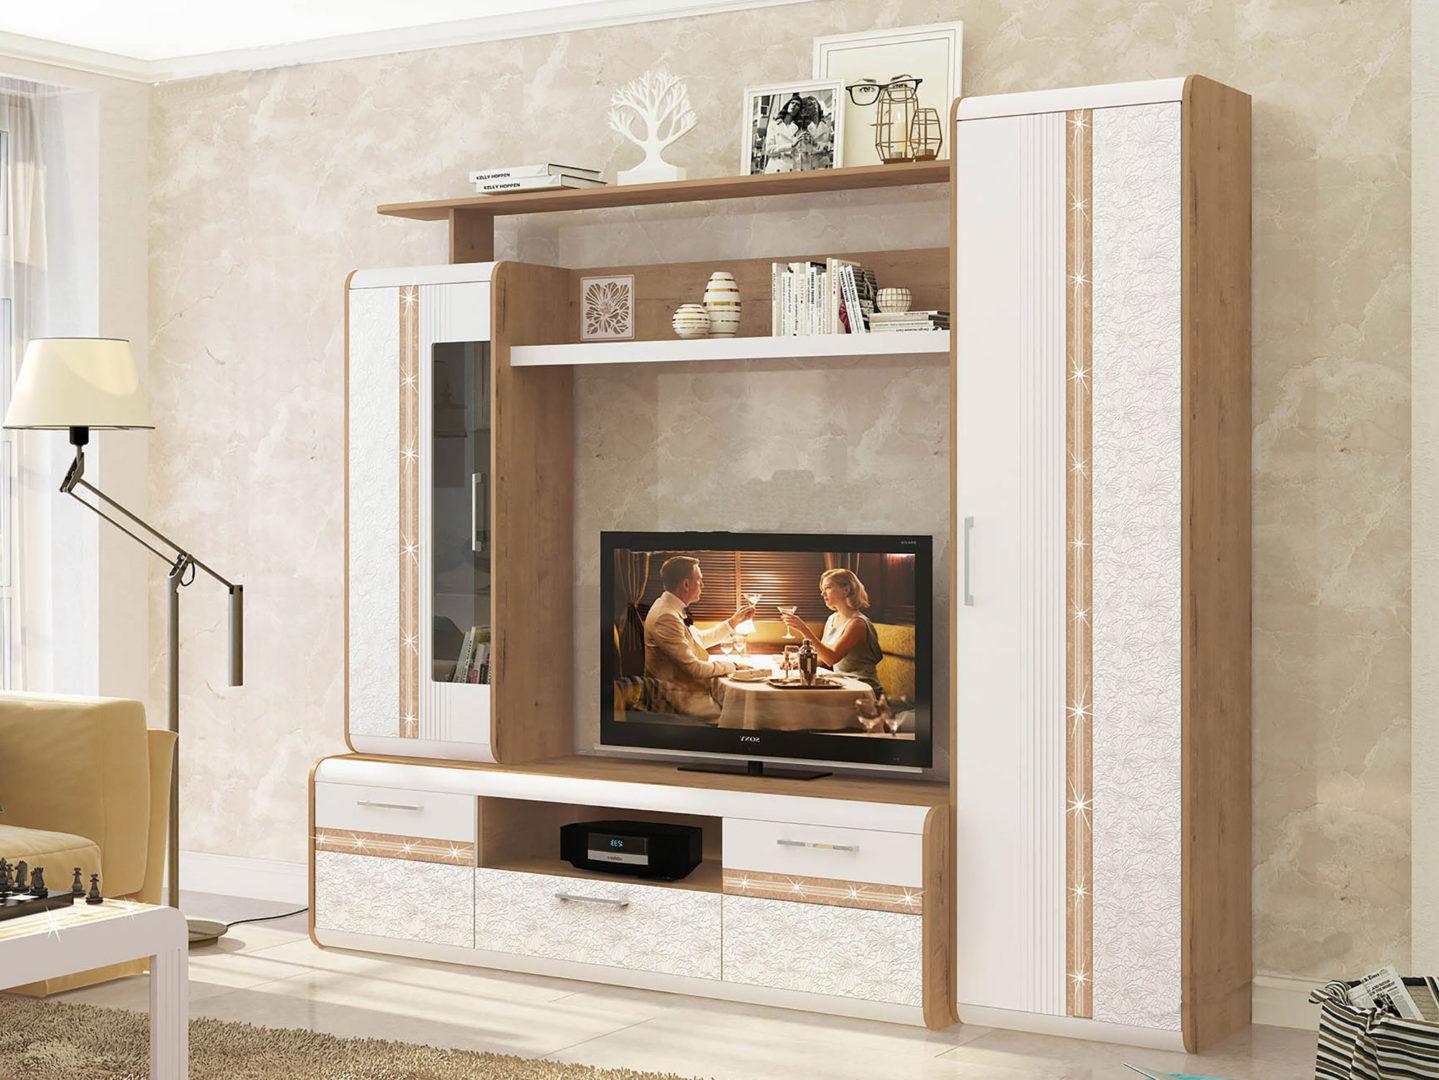 Набор мебели для гостиной Адель 3 (ширина 236 см)